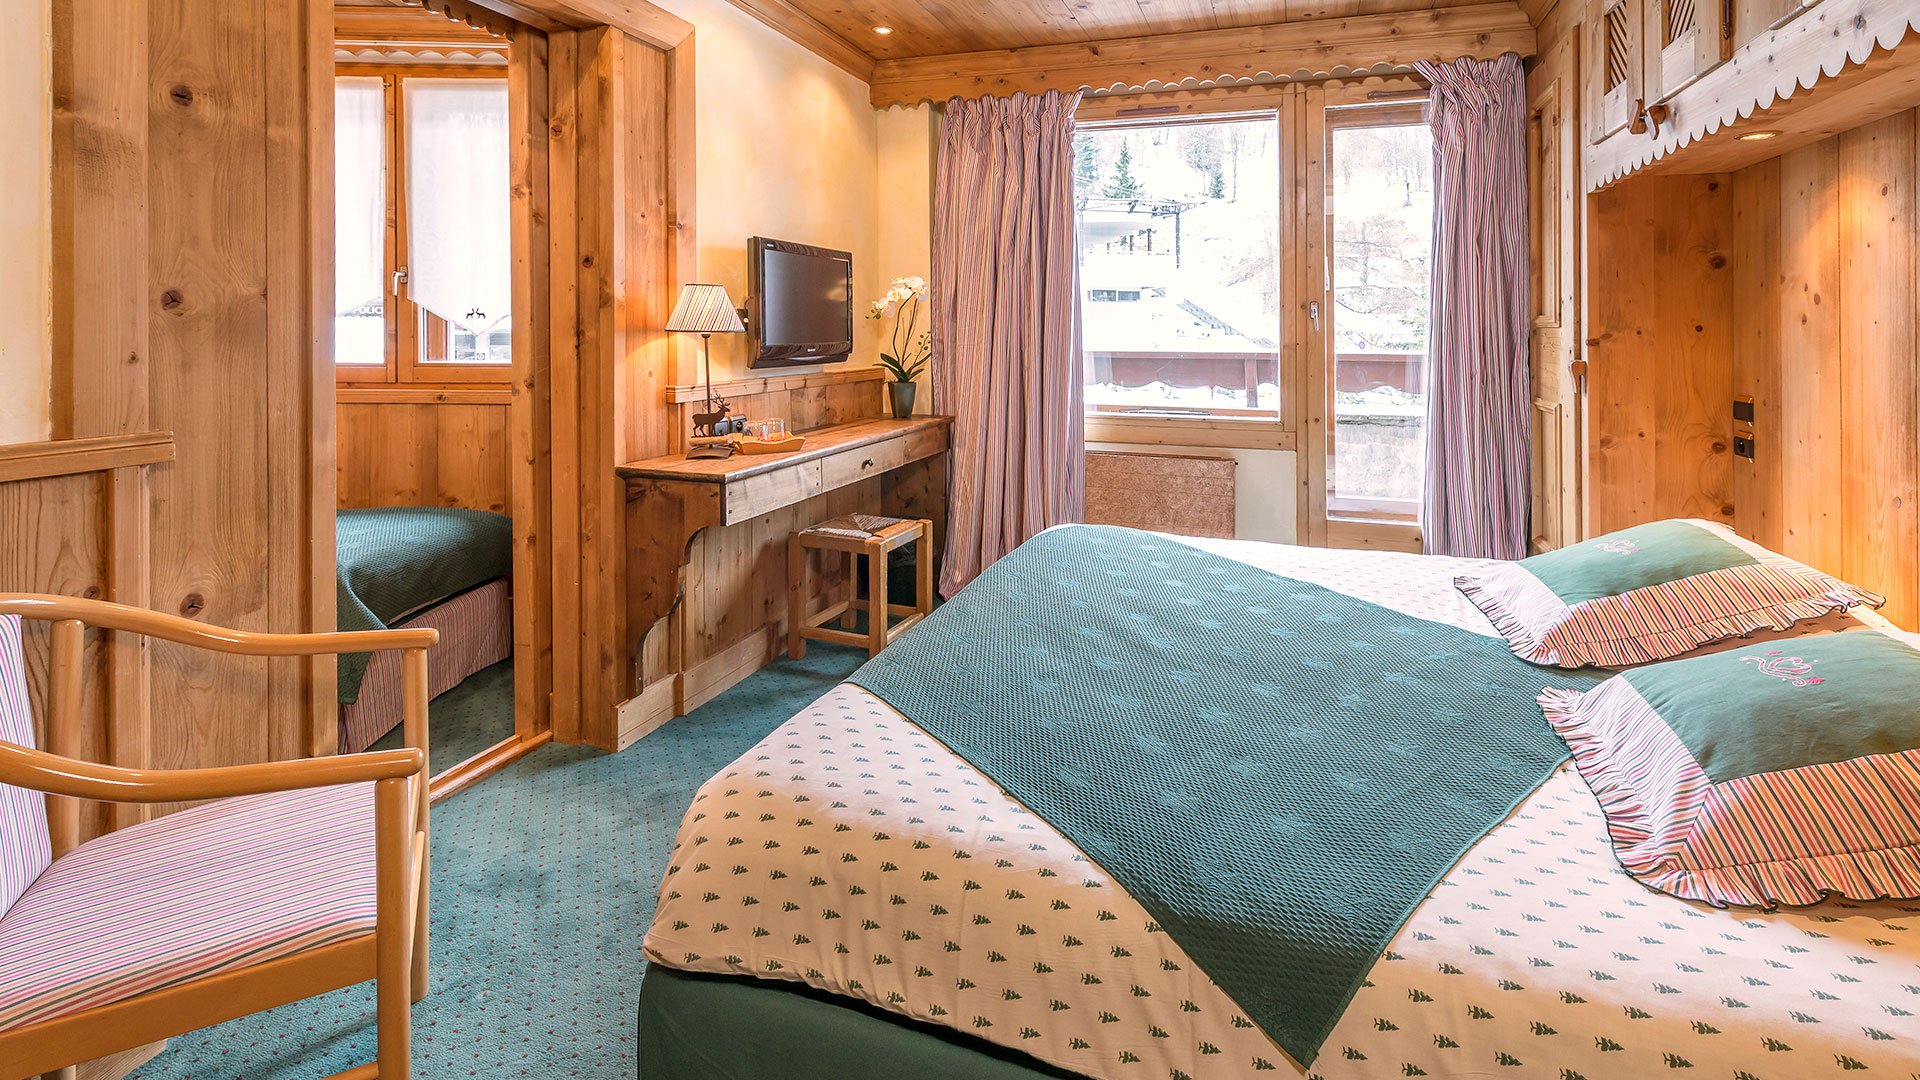 Chambre avec vue sur la neige hôtel spa Savoie